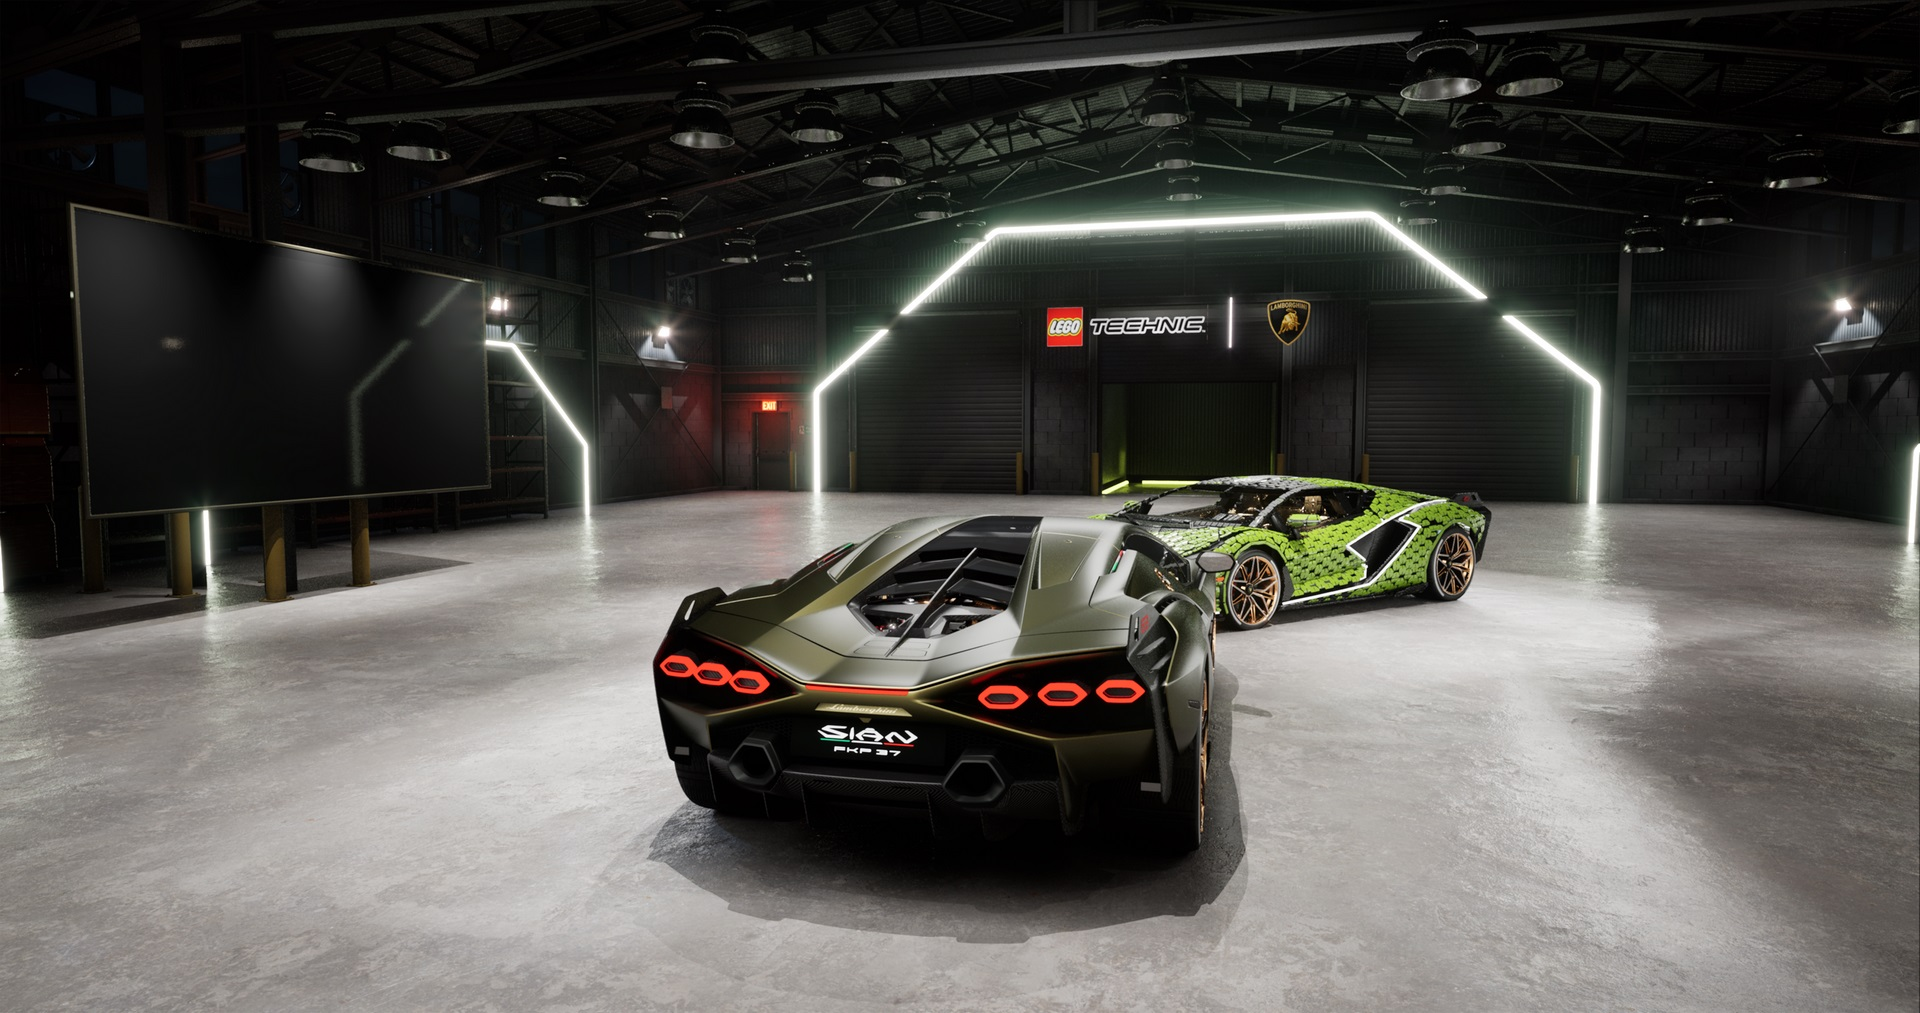 Lamborghini-Sian-Lego-36